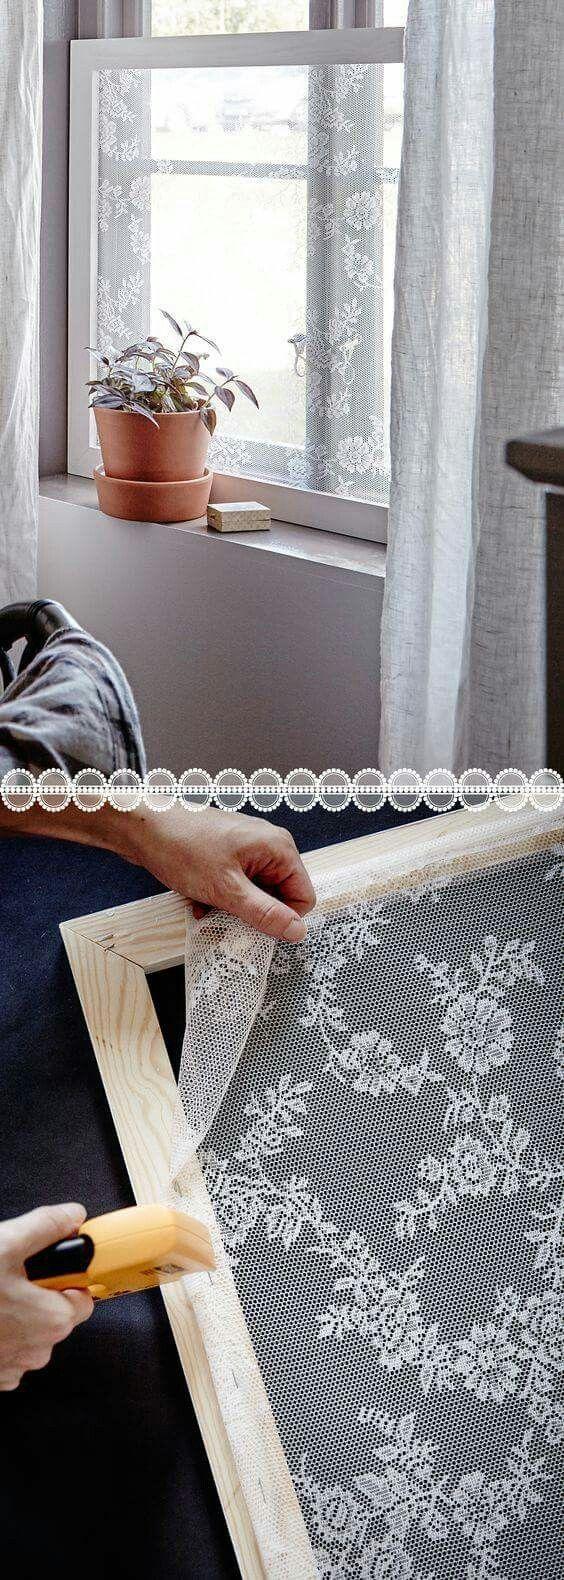 Charmant Sichtschutz Für Das Fenster Selber Machen L Window Screens Made From Lace  By Freida